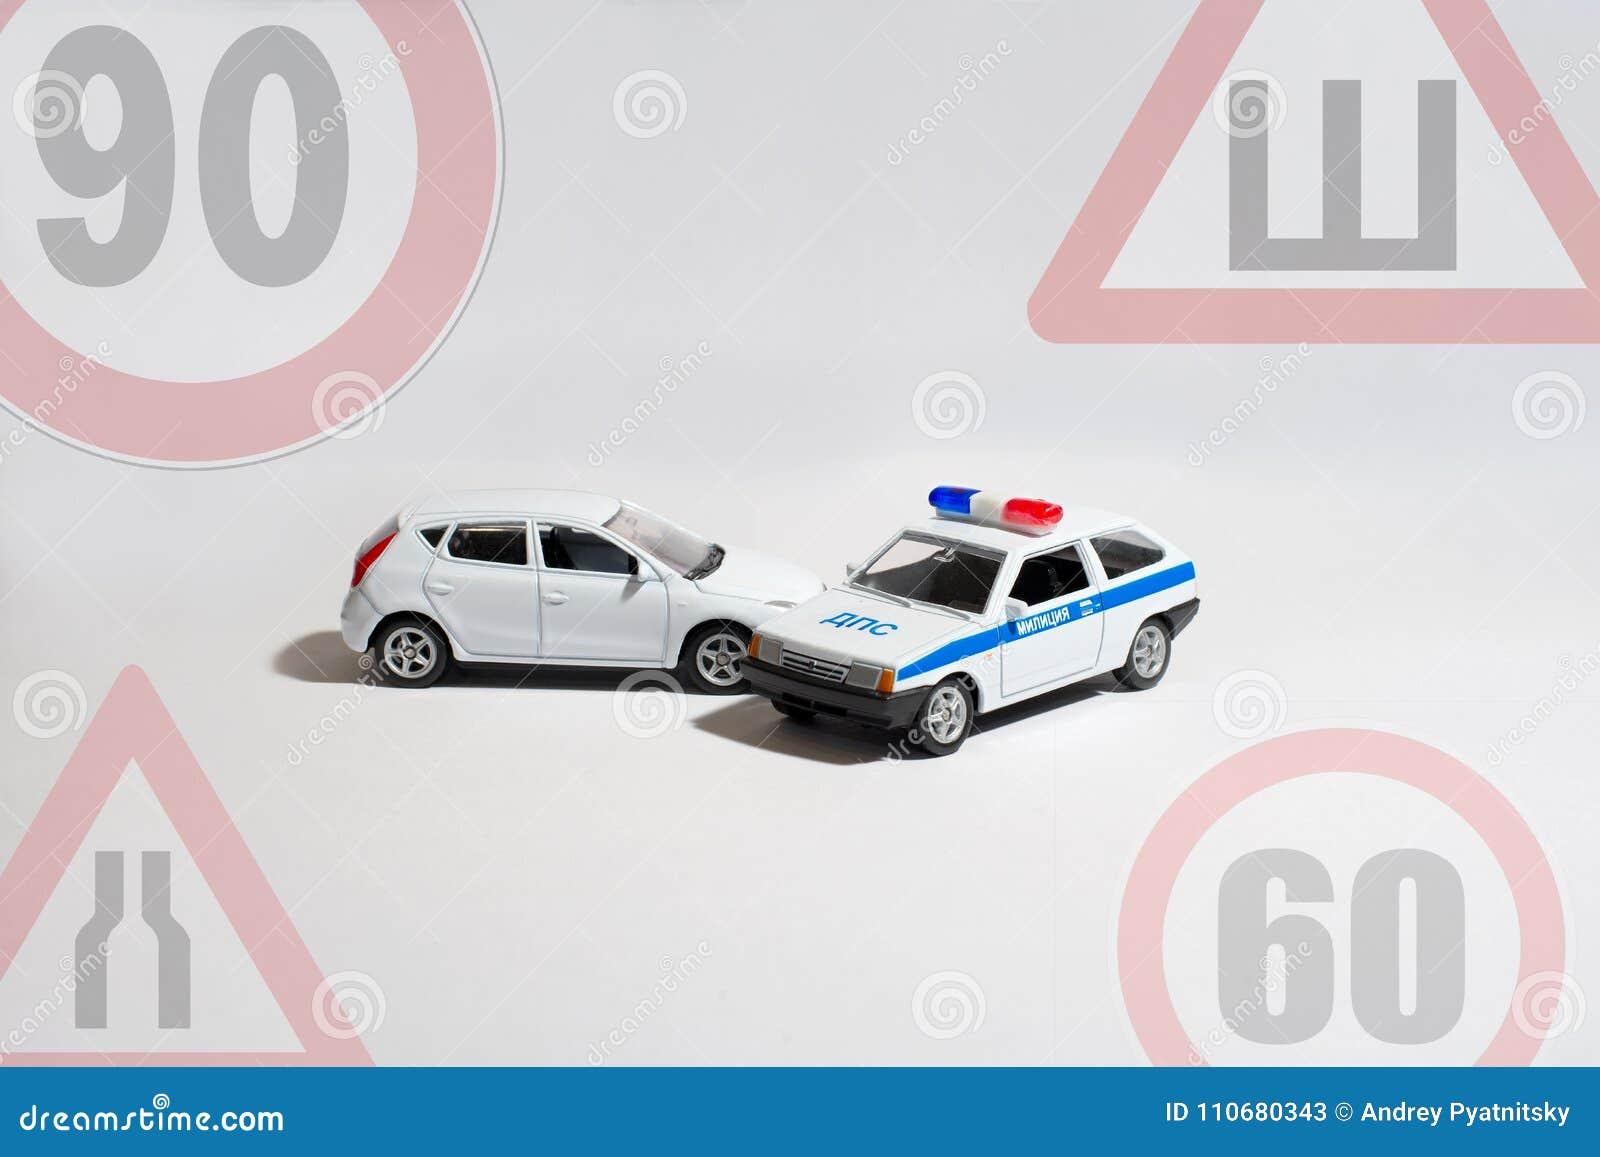 la voiture et la voiture de police sur un fond blanc avec les signes des restrictions image. Black Bedroom Furniture Sets. Home Design Ideas